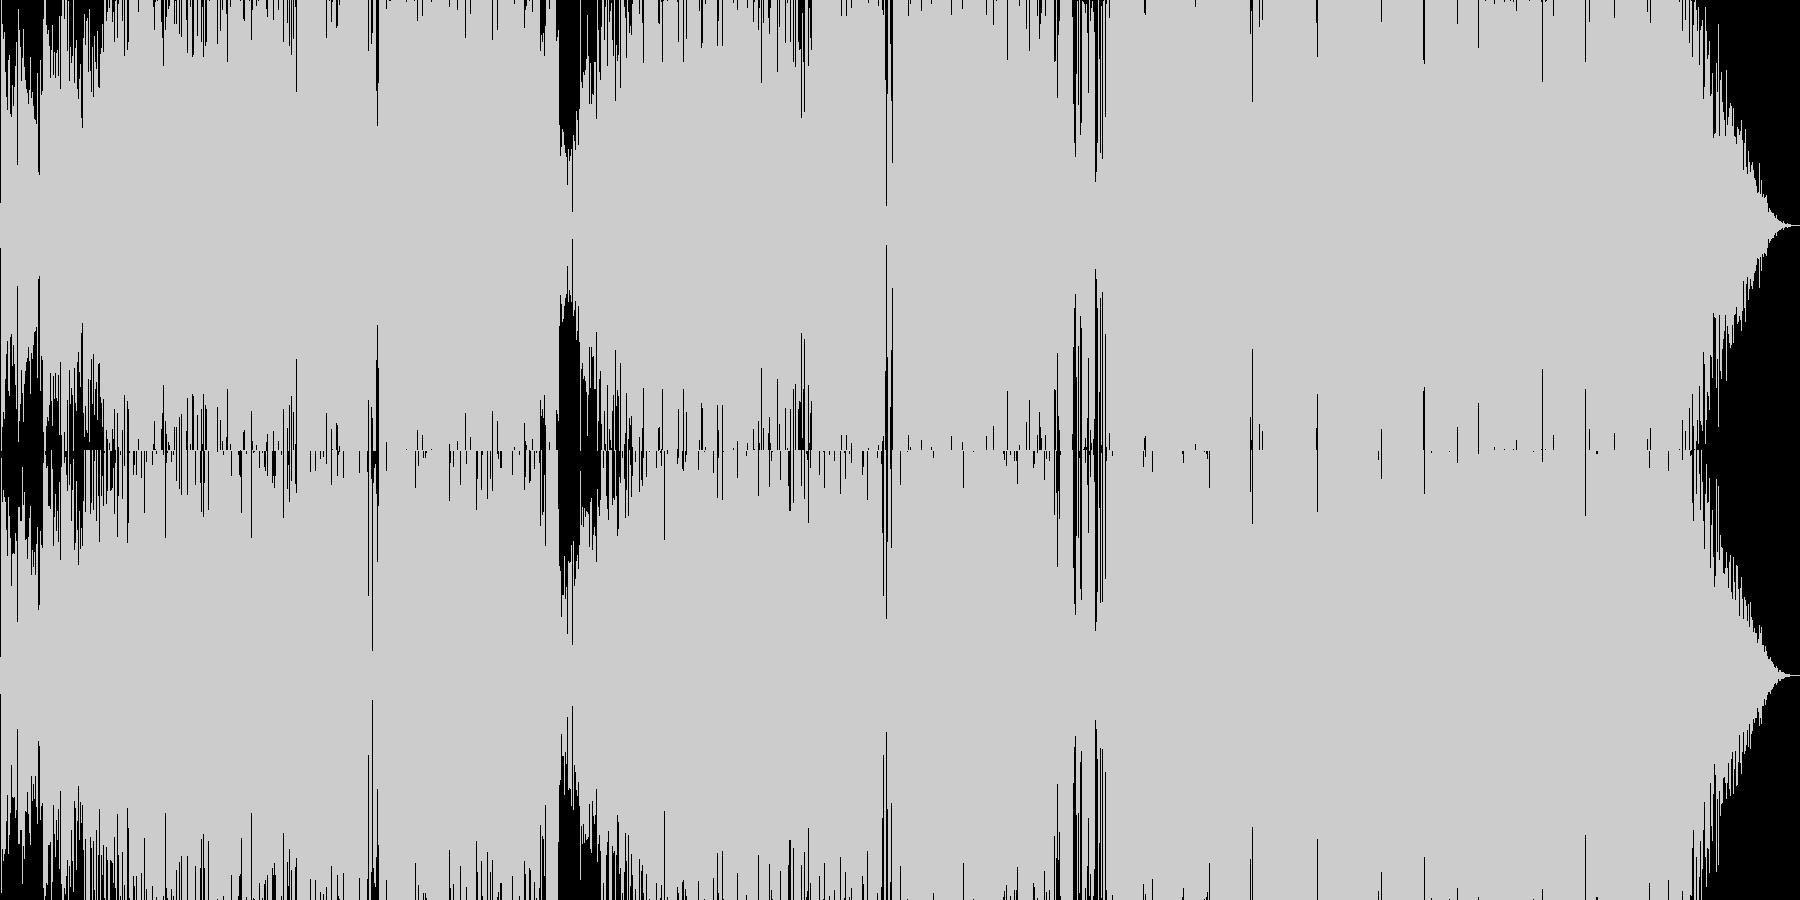 片耳でも両耳でも成立してしまう危うい曲の未再生の波形